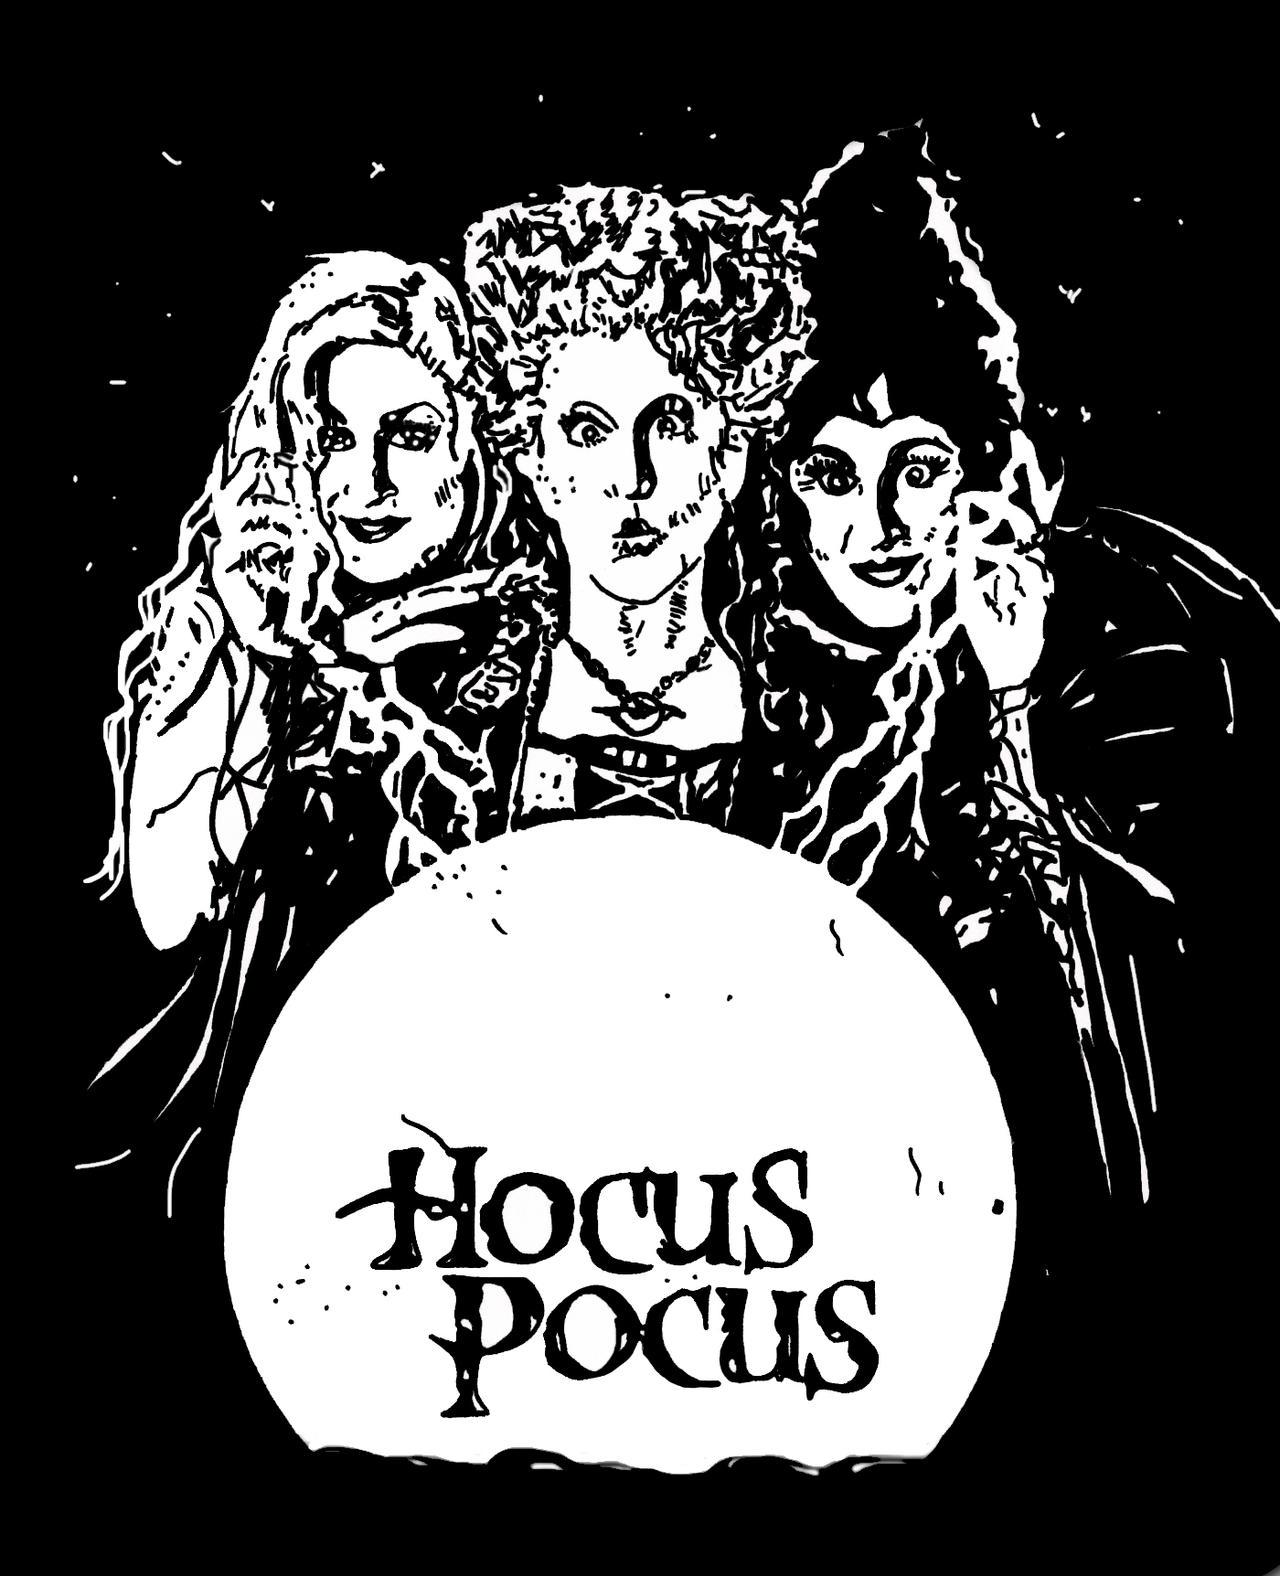 hocus pocus jpg 1280x1576 hocus pocus drawings